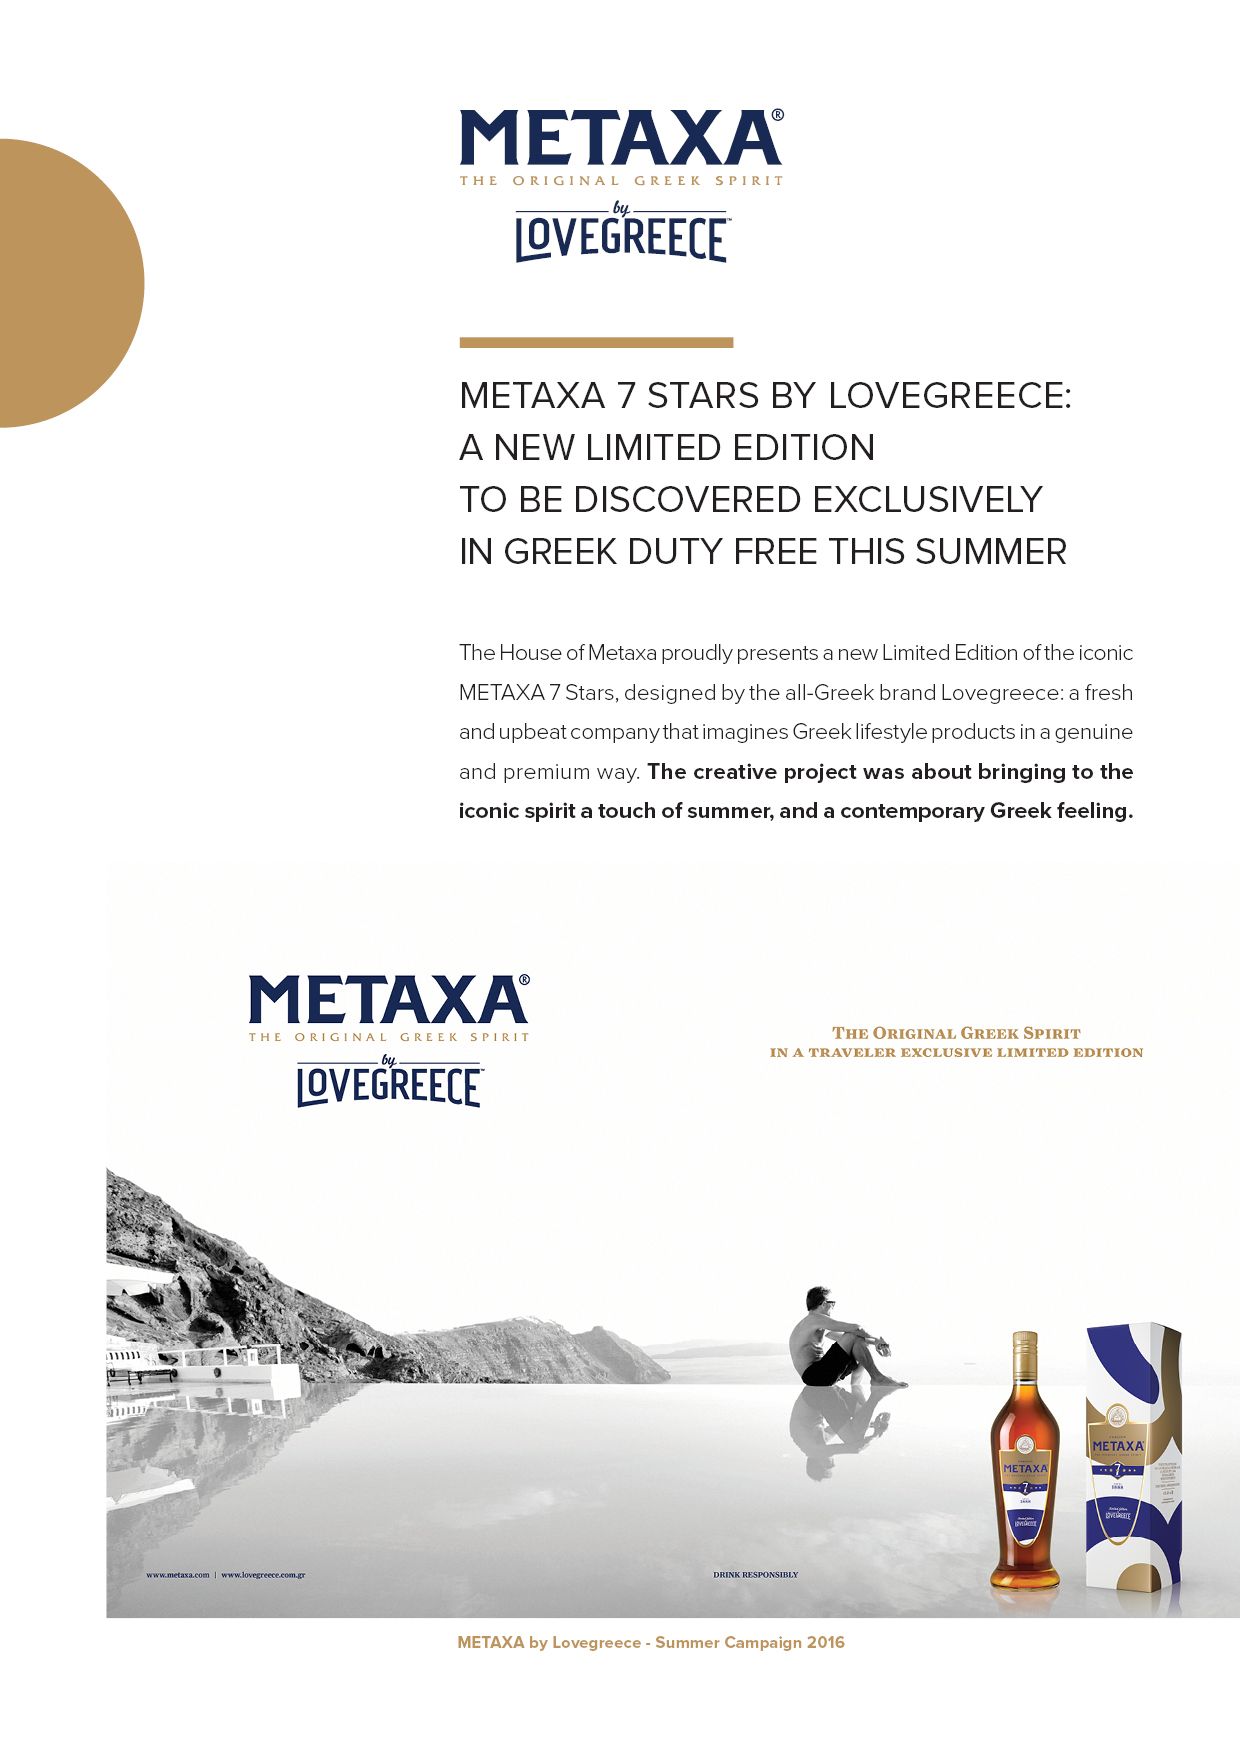 MetaxaLoveGreece-PressRelease-WebSite_LG_F1